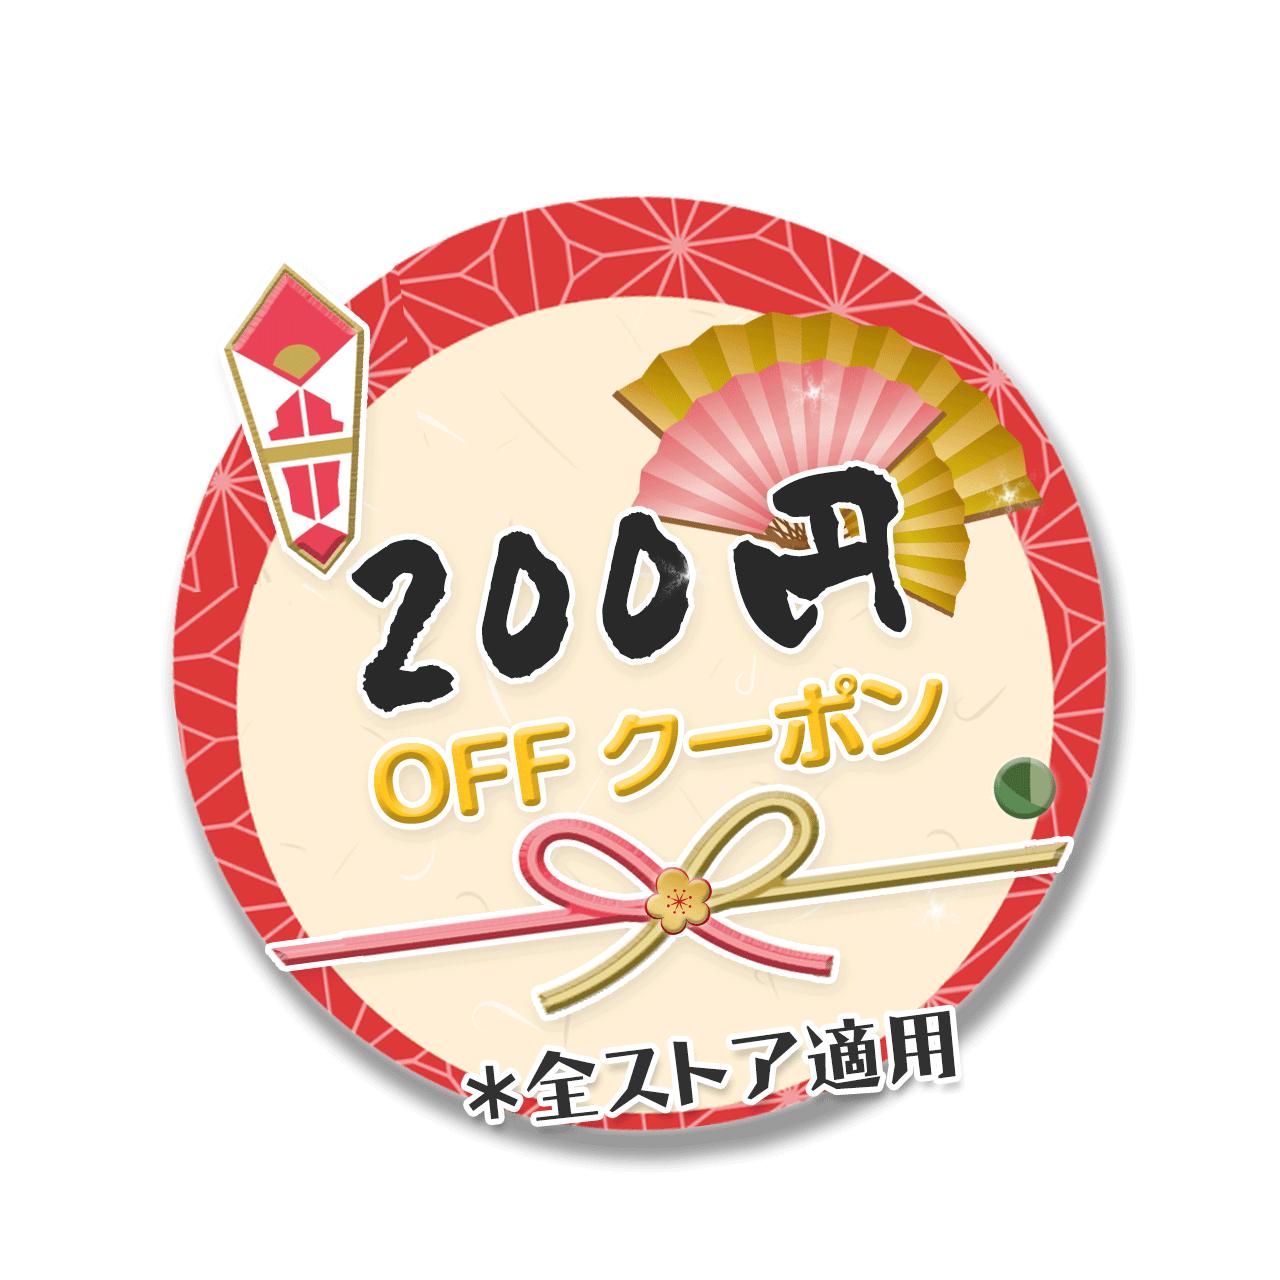 200円日常クーポン